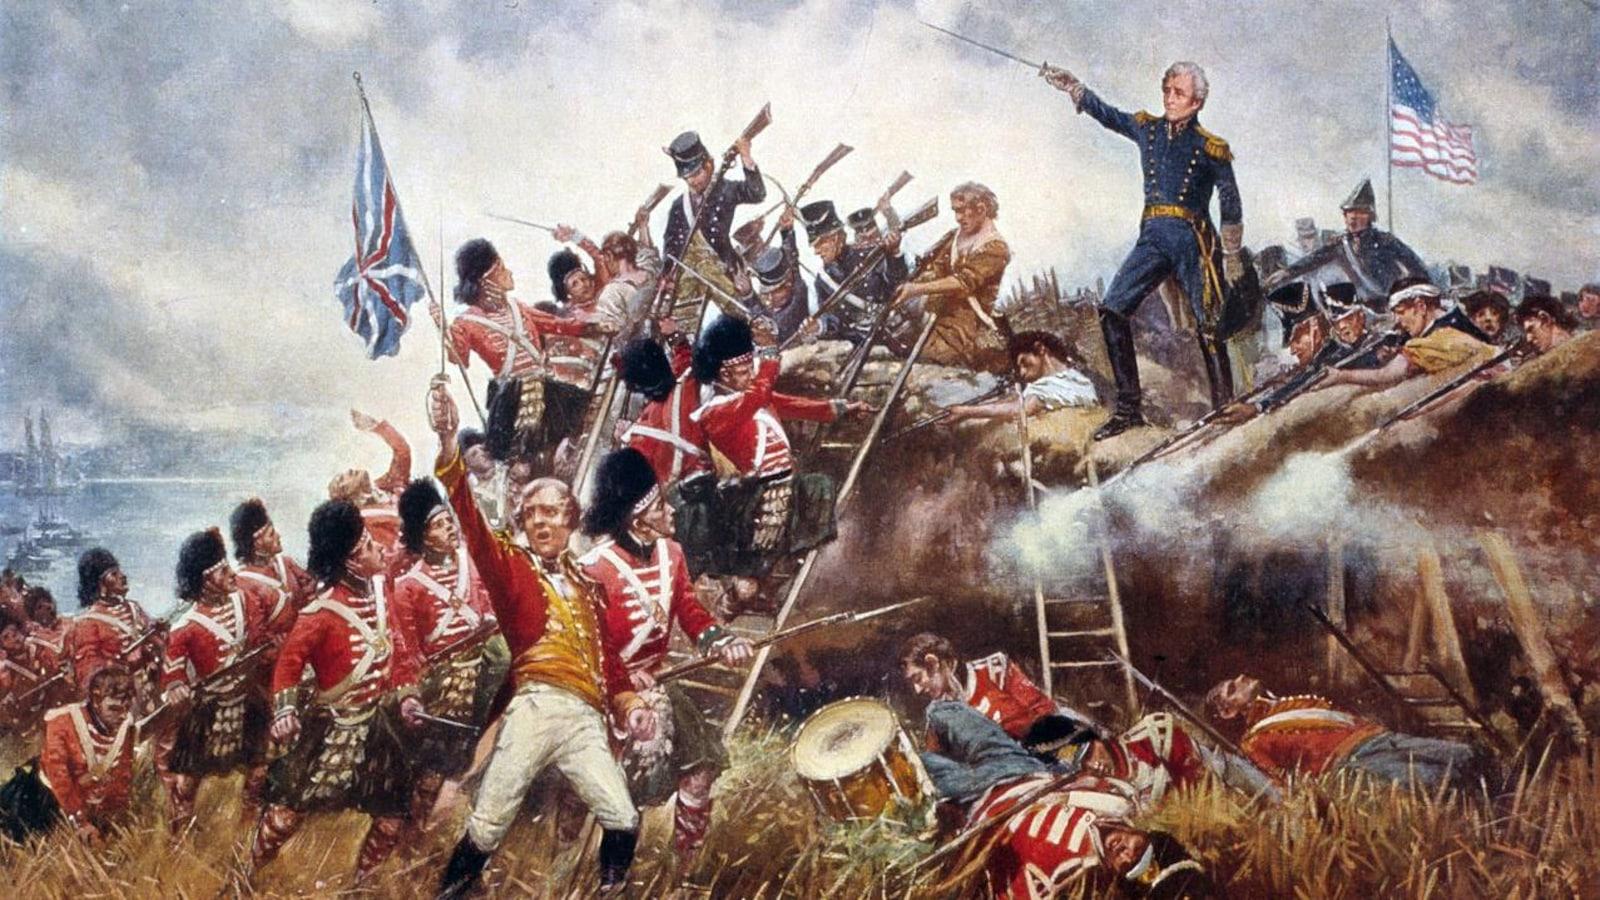 Une toile représente une bataille entre soldats anglais et américains. Un homme pointe une épée devant lui.